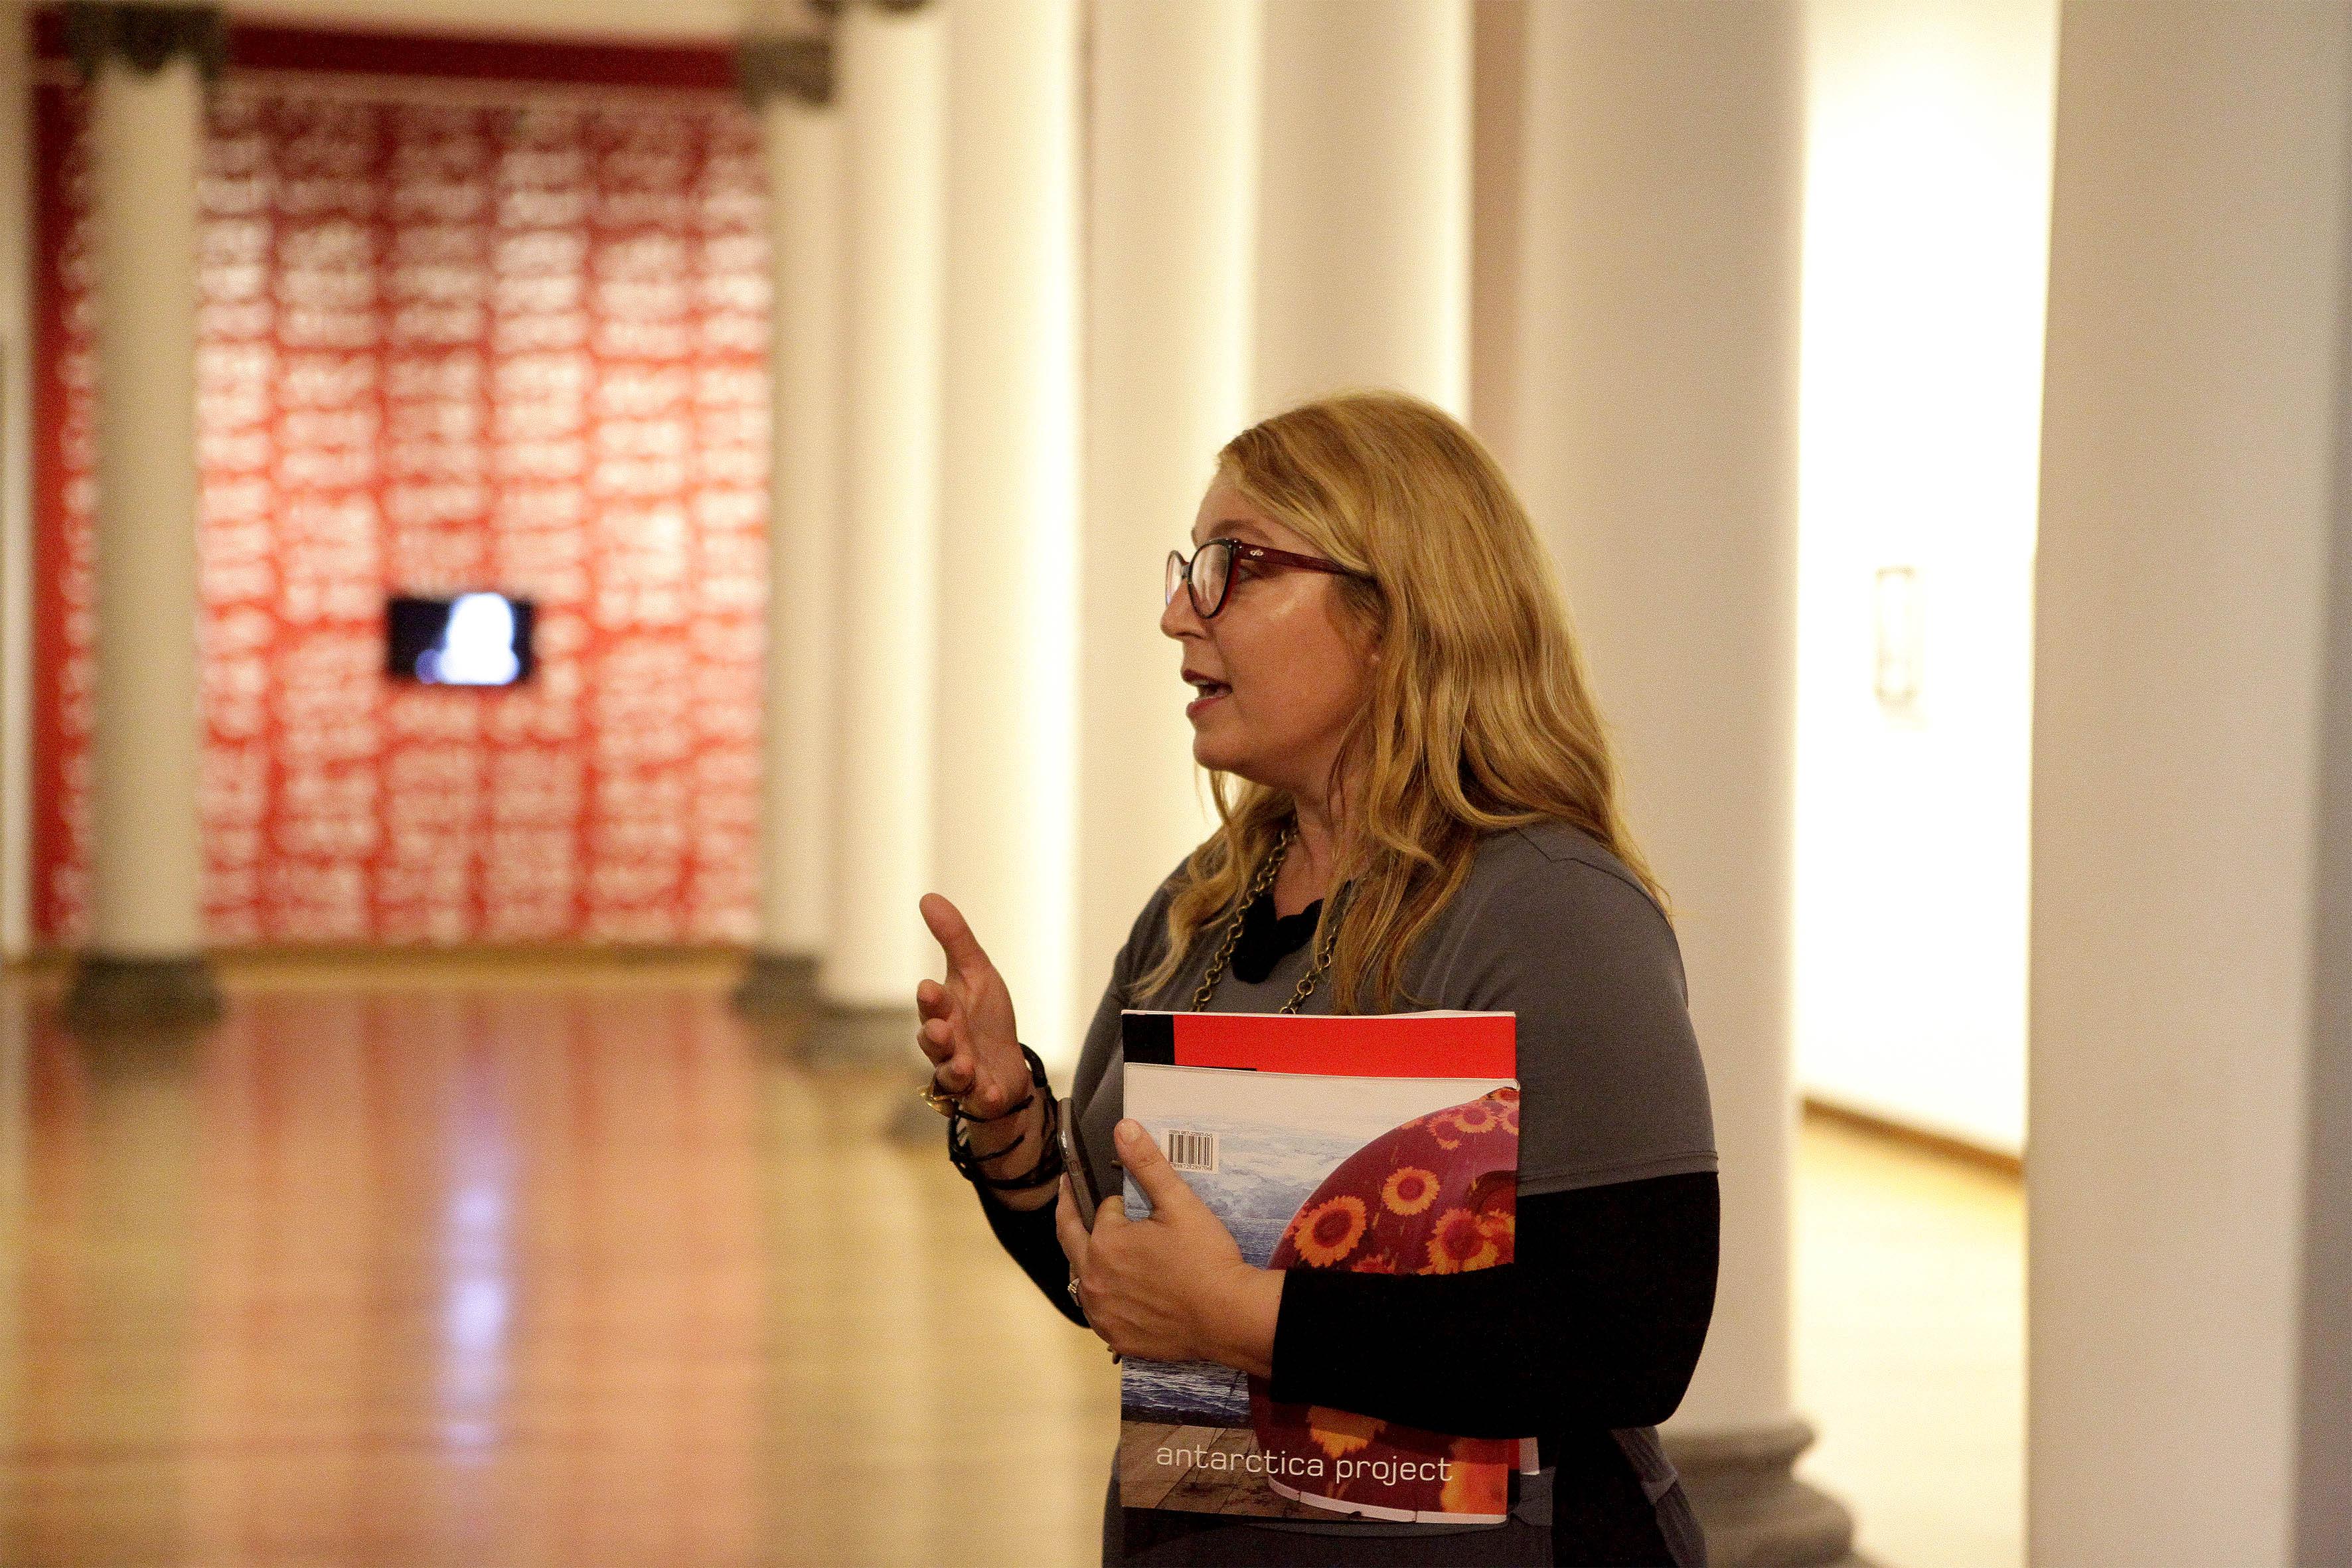 La doctora Marisa Caichiolo, encargada de la curaduría de la muestra en exposición, en uno de los pasillos del MUSA.